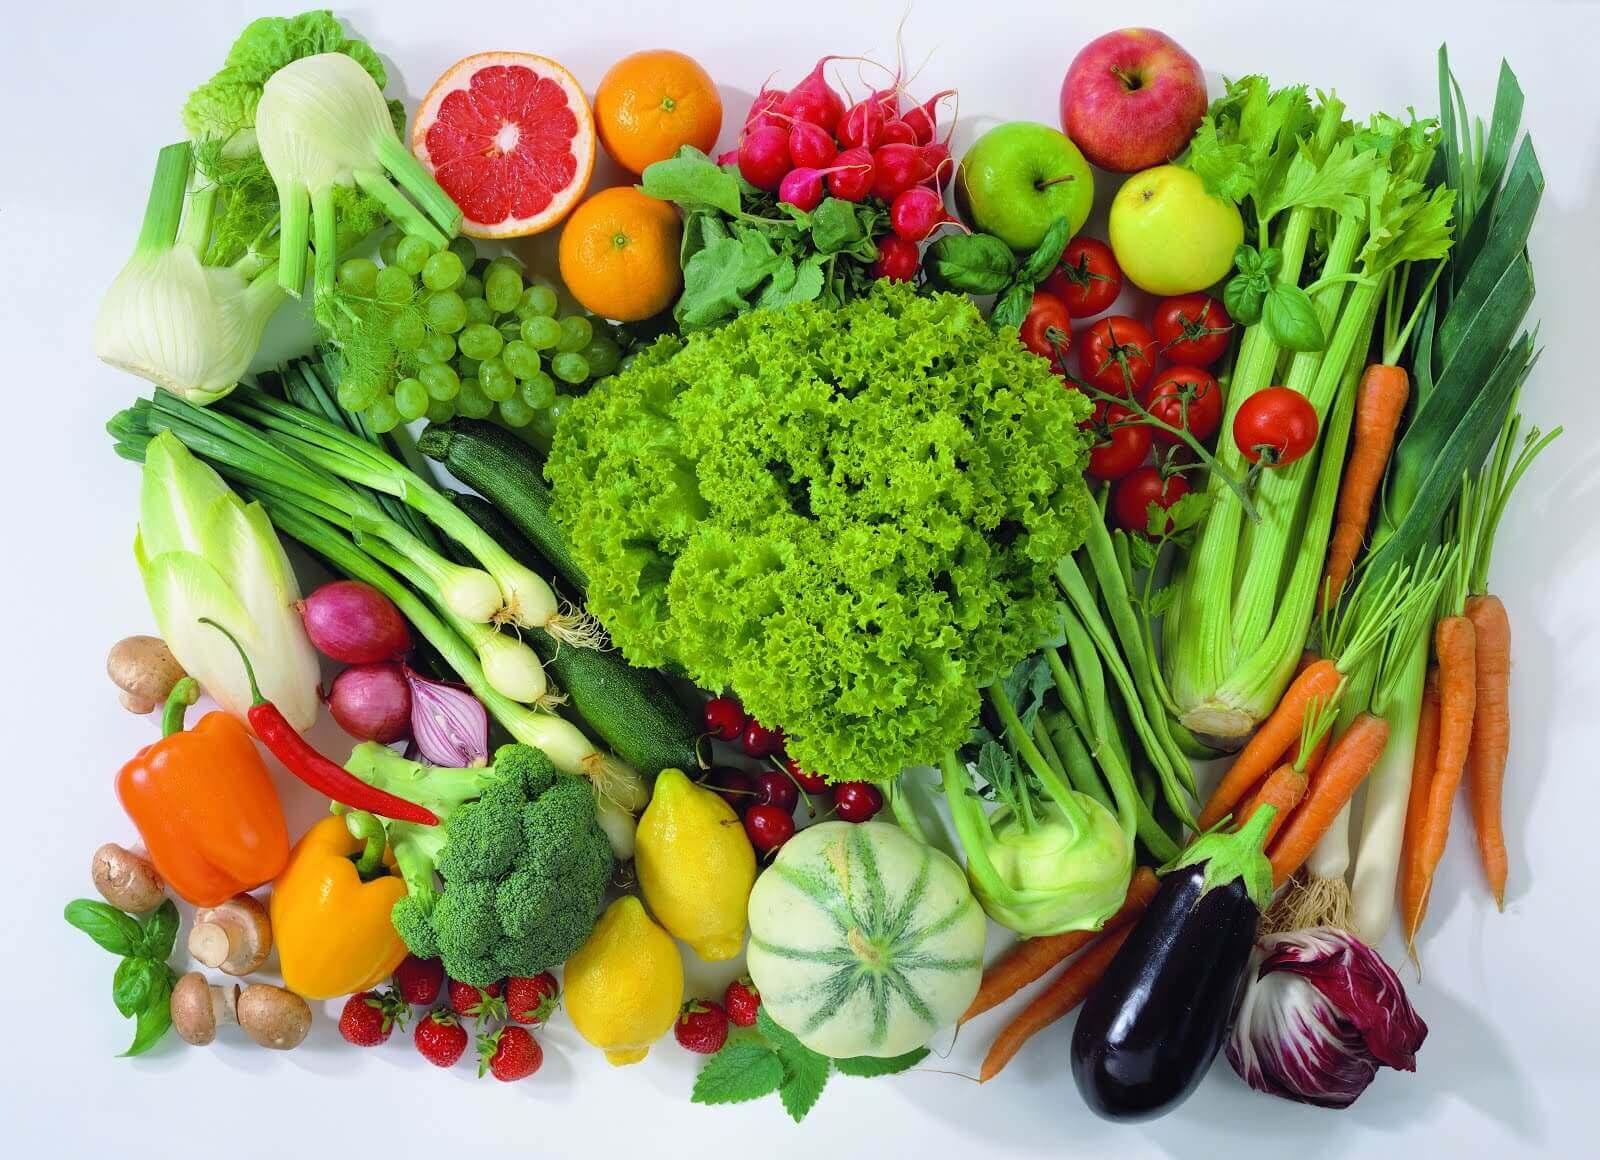 Natriumnitraatti vihanneksissa ja hedelmissä